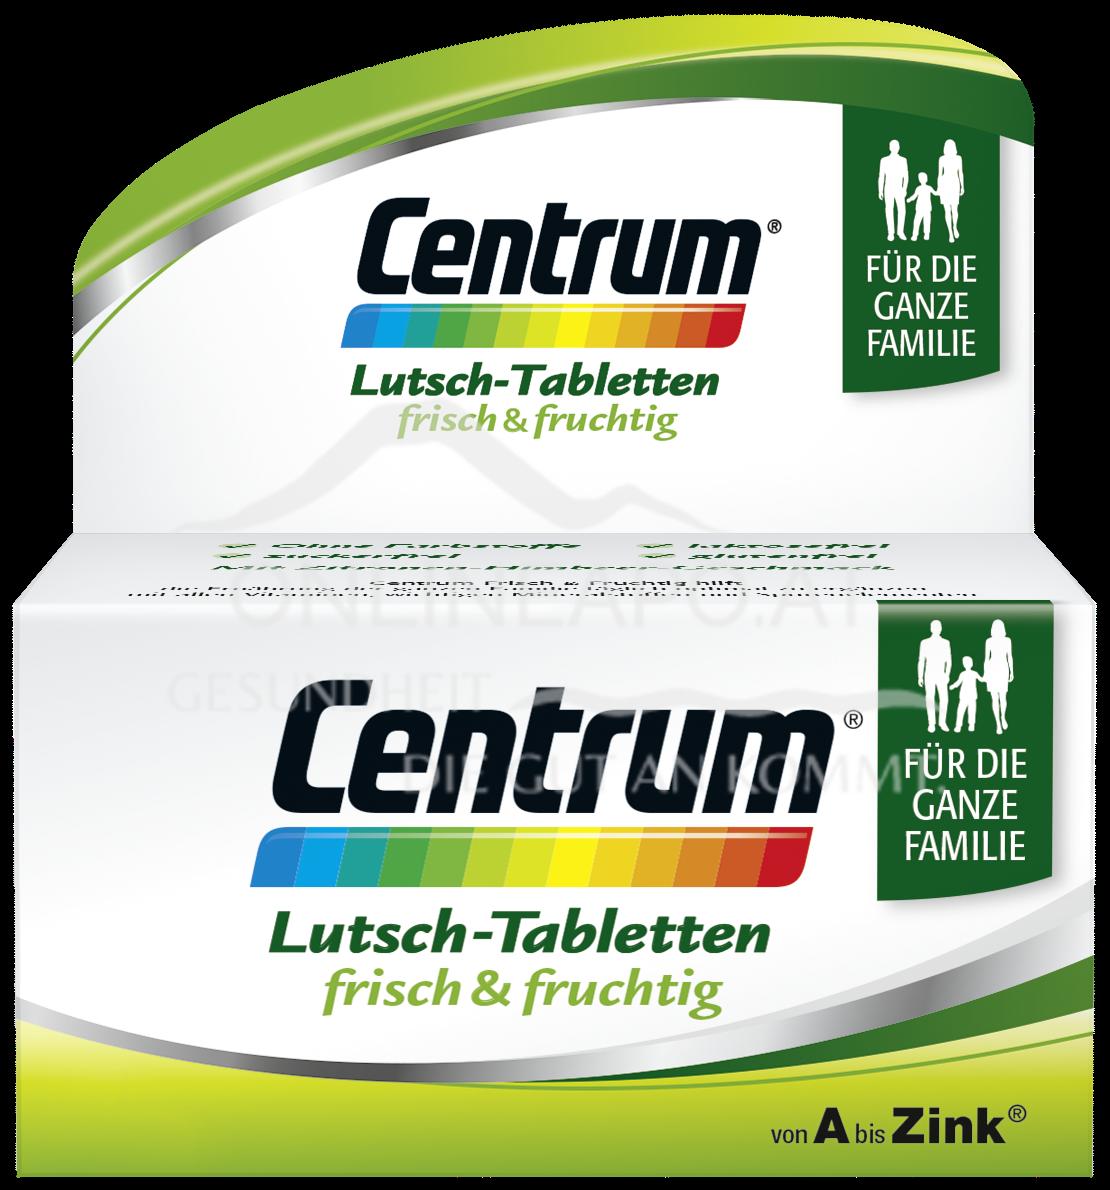 Centrum® Frisch und Fruchtig Lutschtabletten